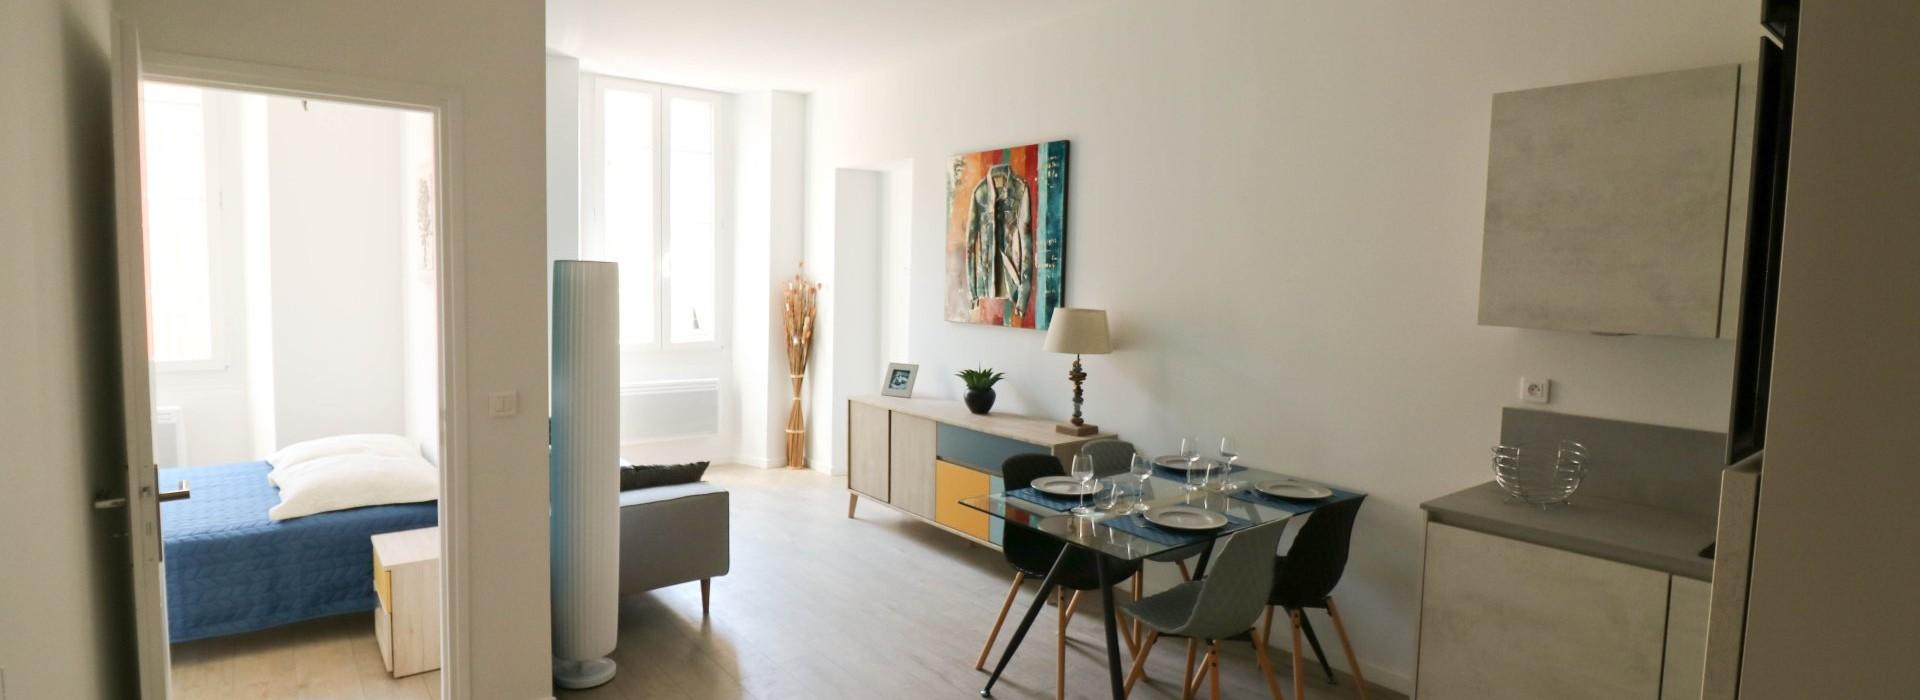 Appartement Nice 3 Pièces 38m2 295,000€